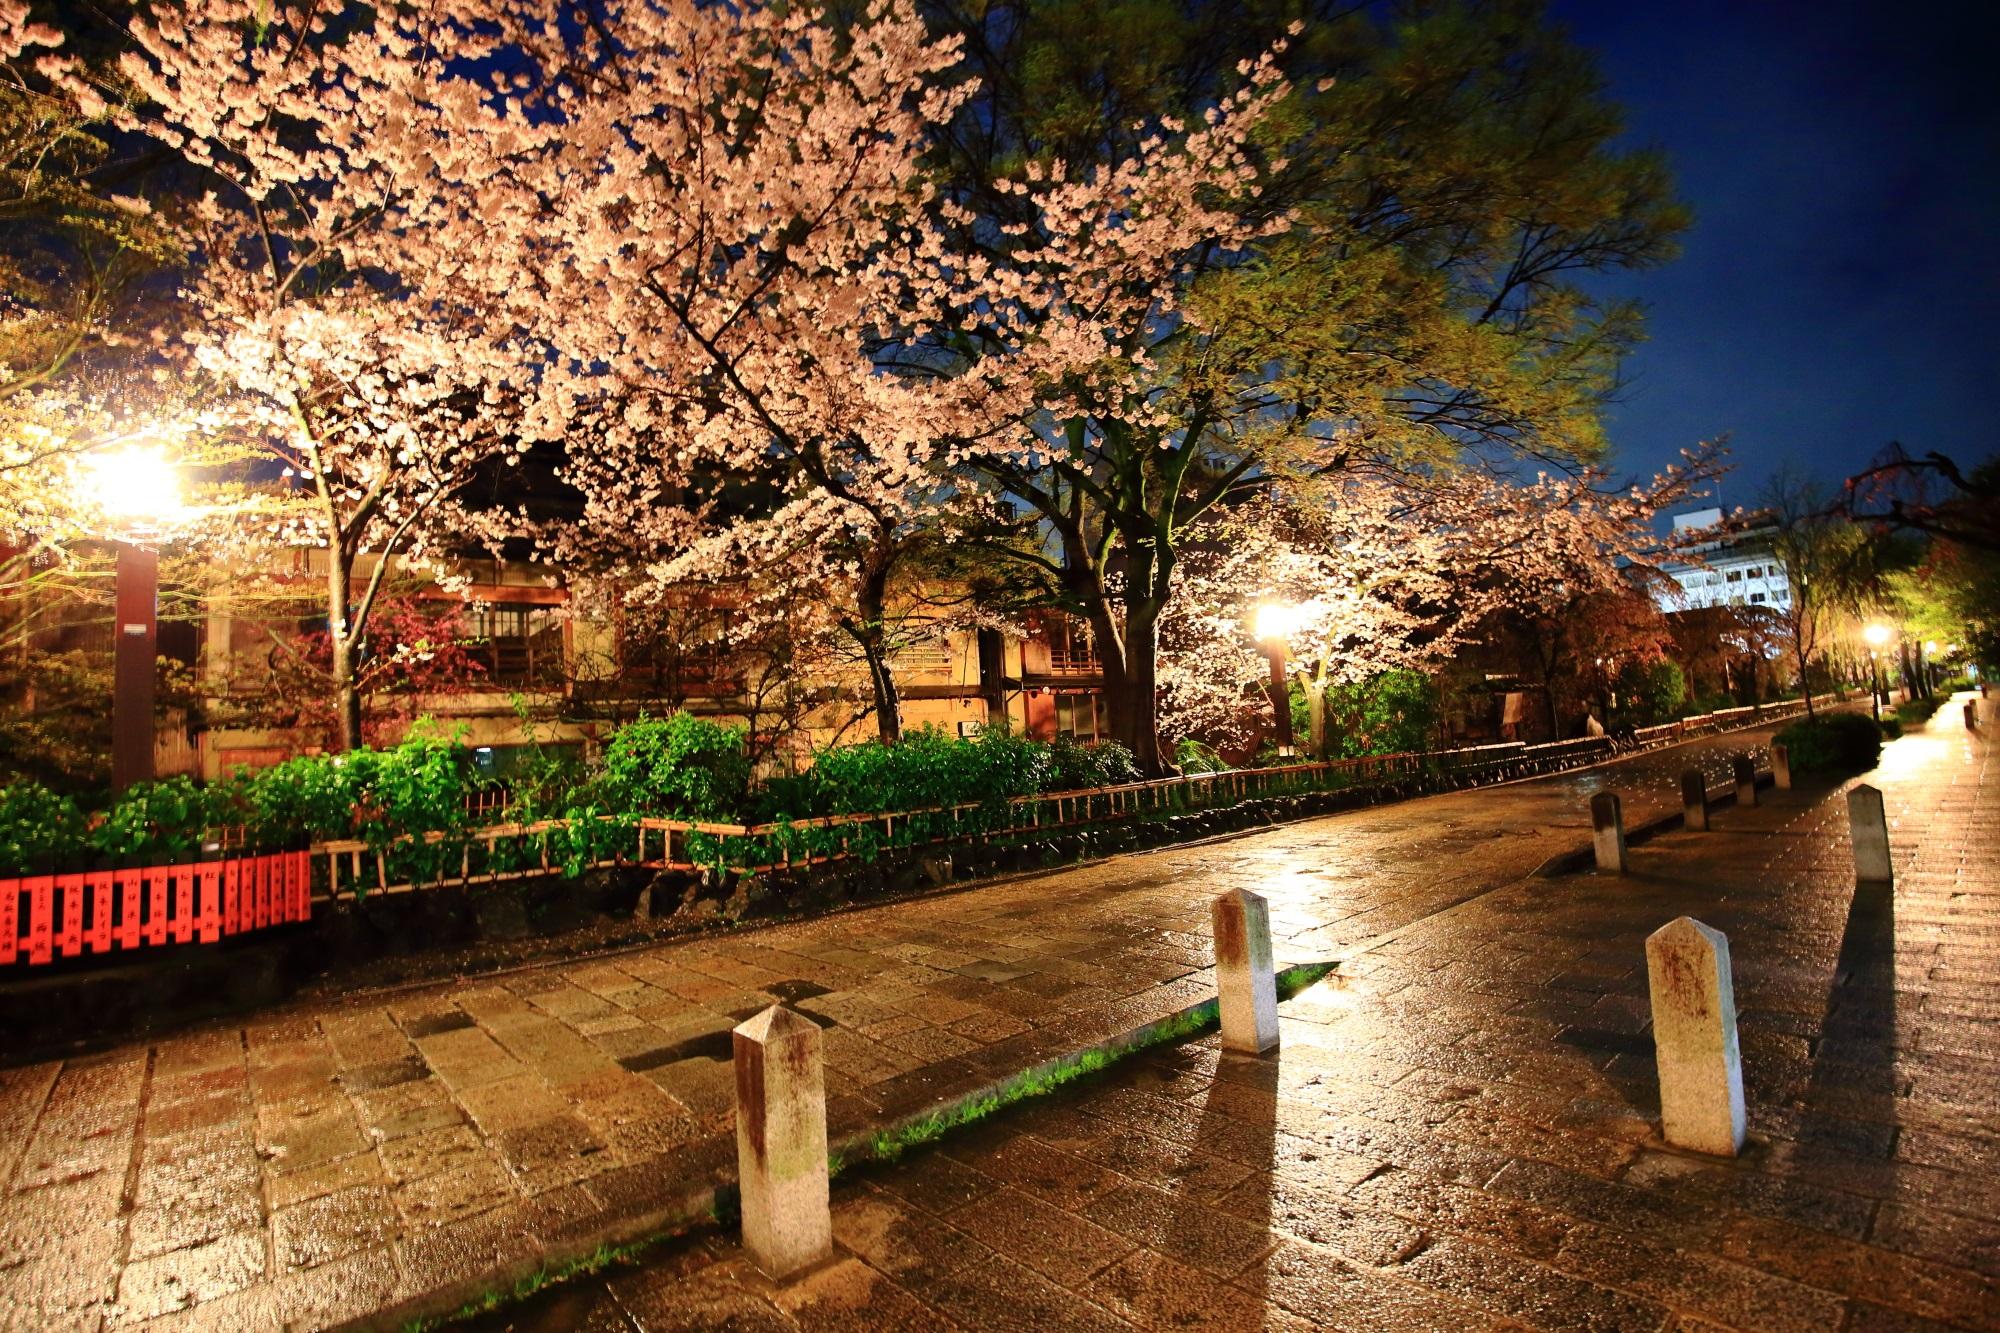 桜の名所の祇園白川の誰もいない桜の景色